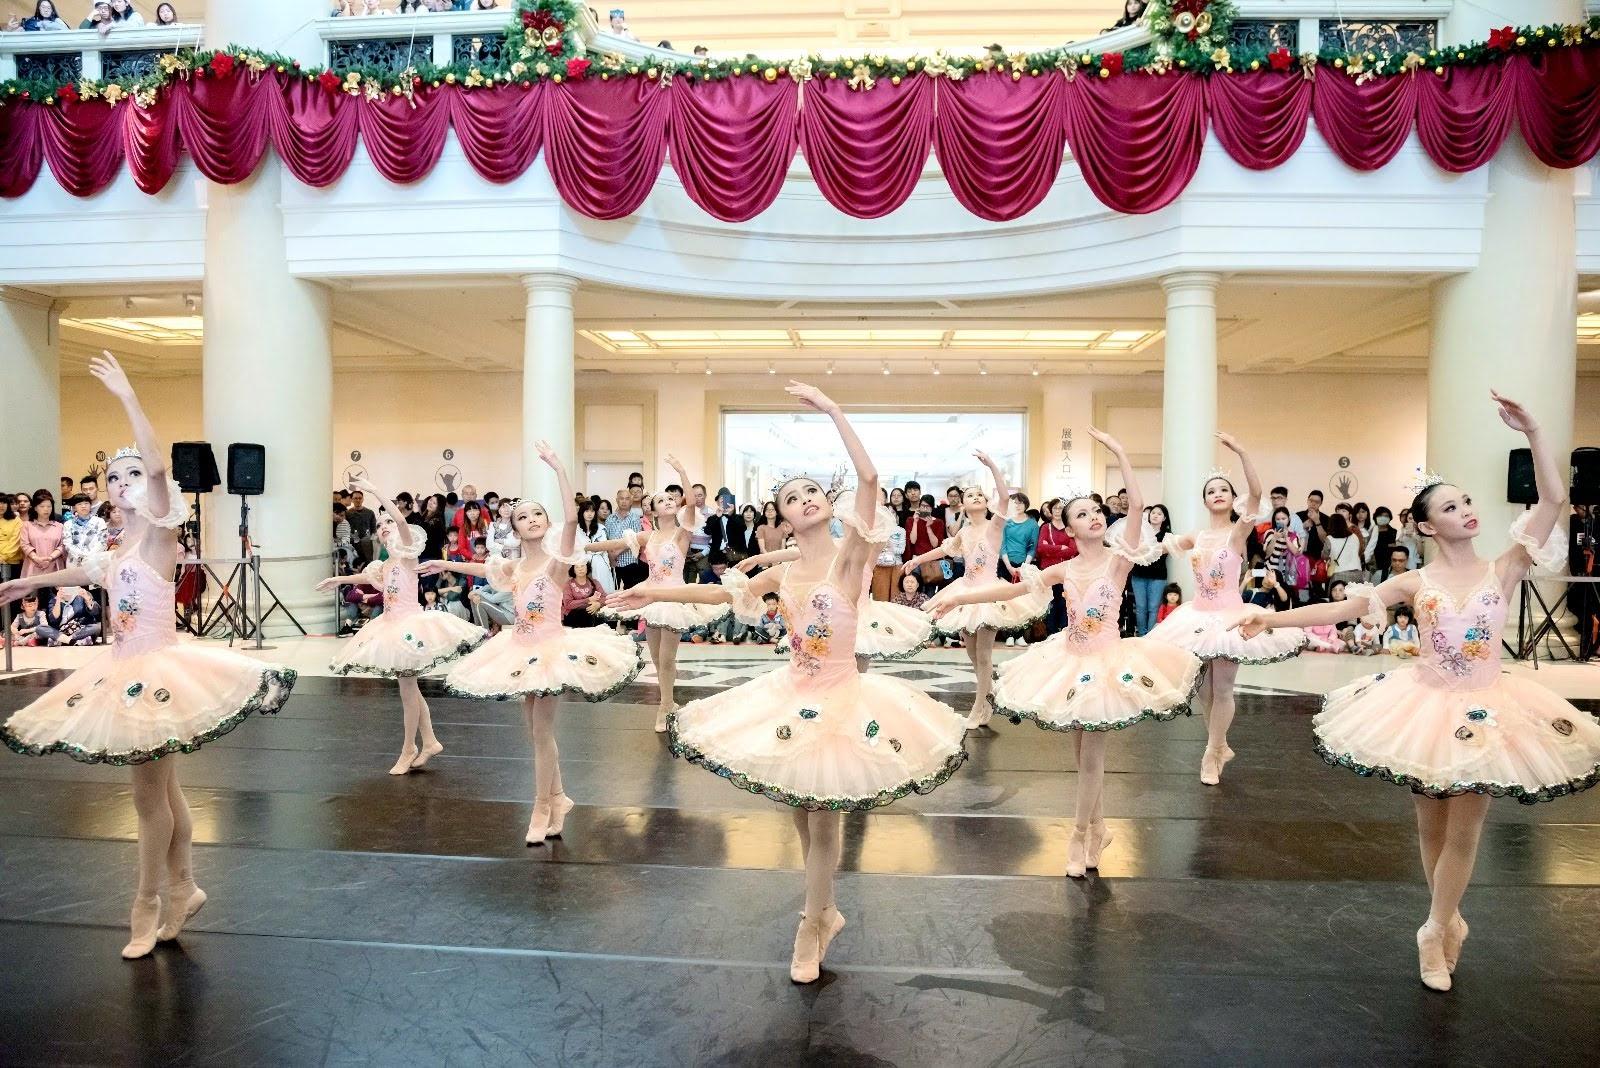 [活動] 超人氣!2019奇美博物館「聖誕週末-化裝舞會」 12/21、12/22最後回登場!